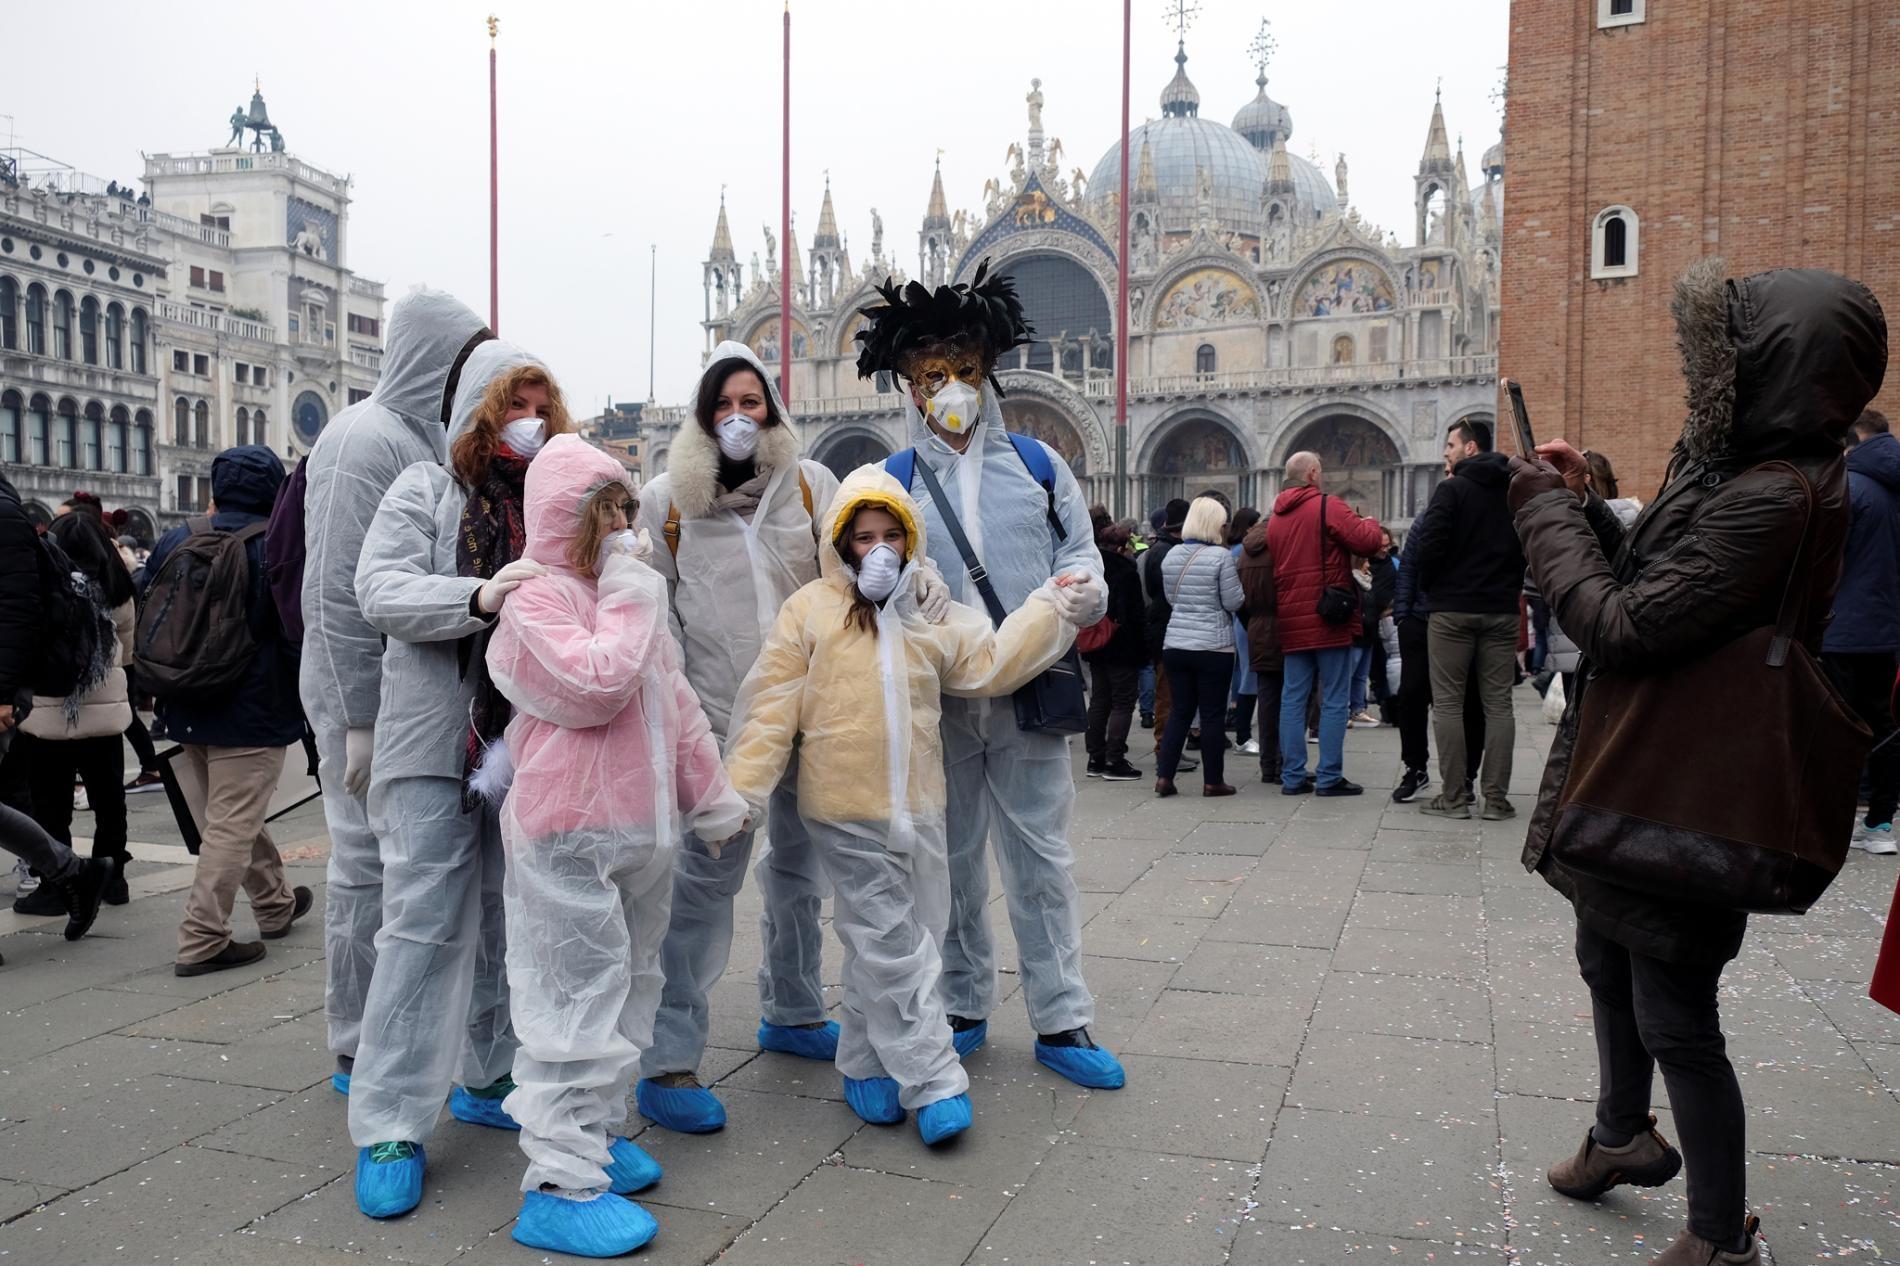 2020年2月23日,參加威尼斯嘉年華的遊客戴上了具防護功能的口罩。這場節慶的最後兩天、還有周日晚上的慶祝活動都因為義大利威尼斯爆發的冠狀病毒疫情而取消。PHOTOGRAPH BY MANUEL SILVESTRI, REUTERS